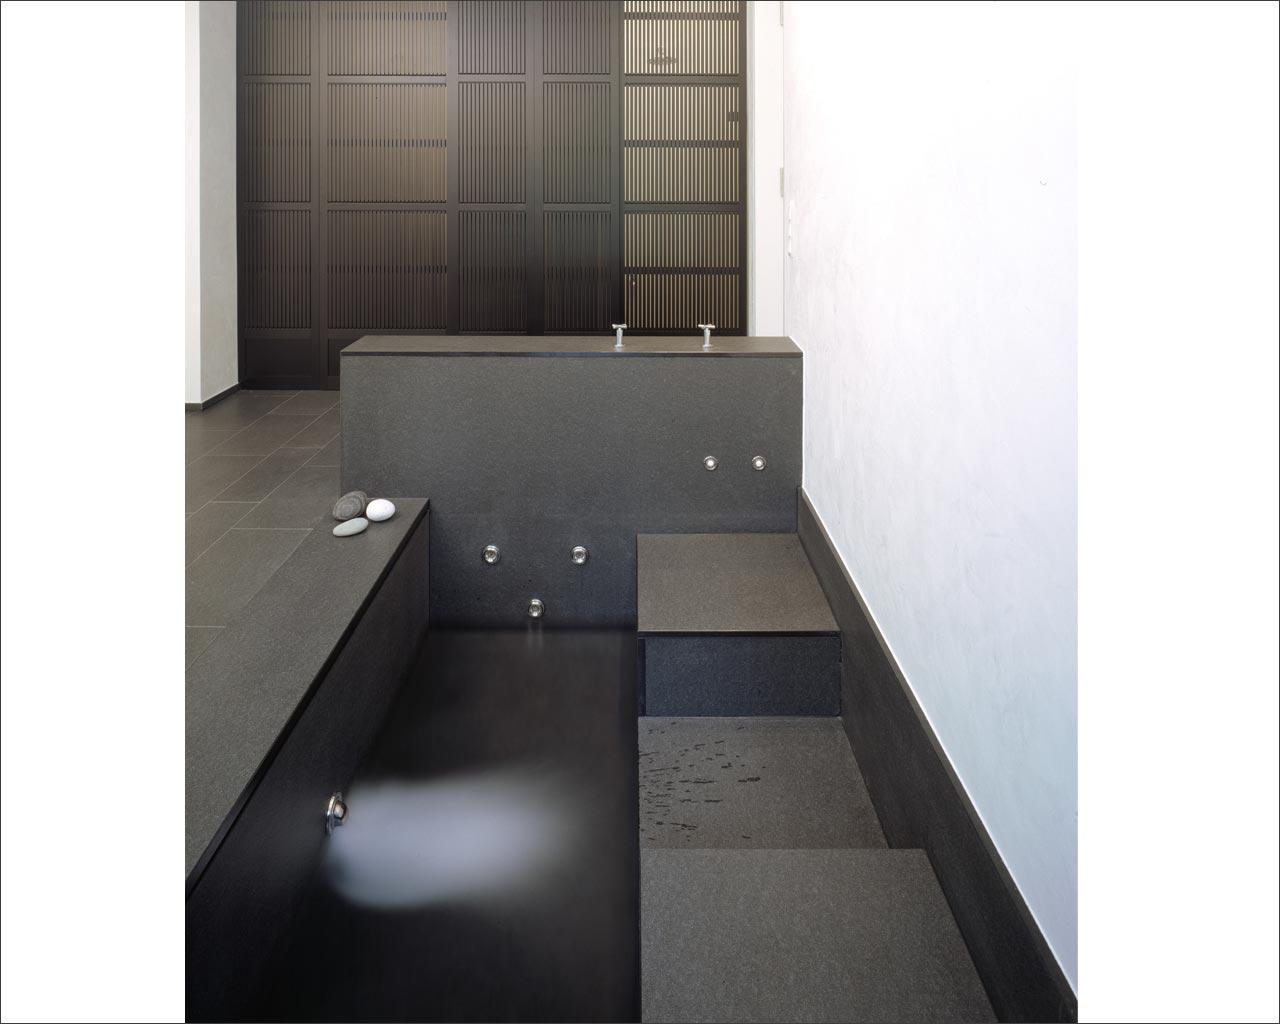 Japanisches Bad architekturbüro angelika hülser stöhr neubau und umbau mit